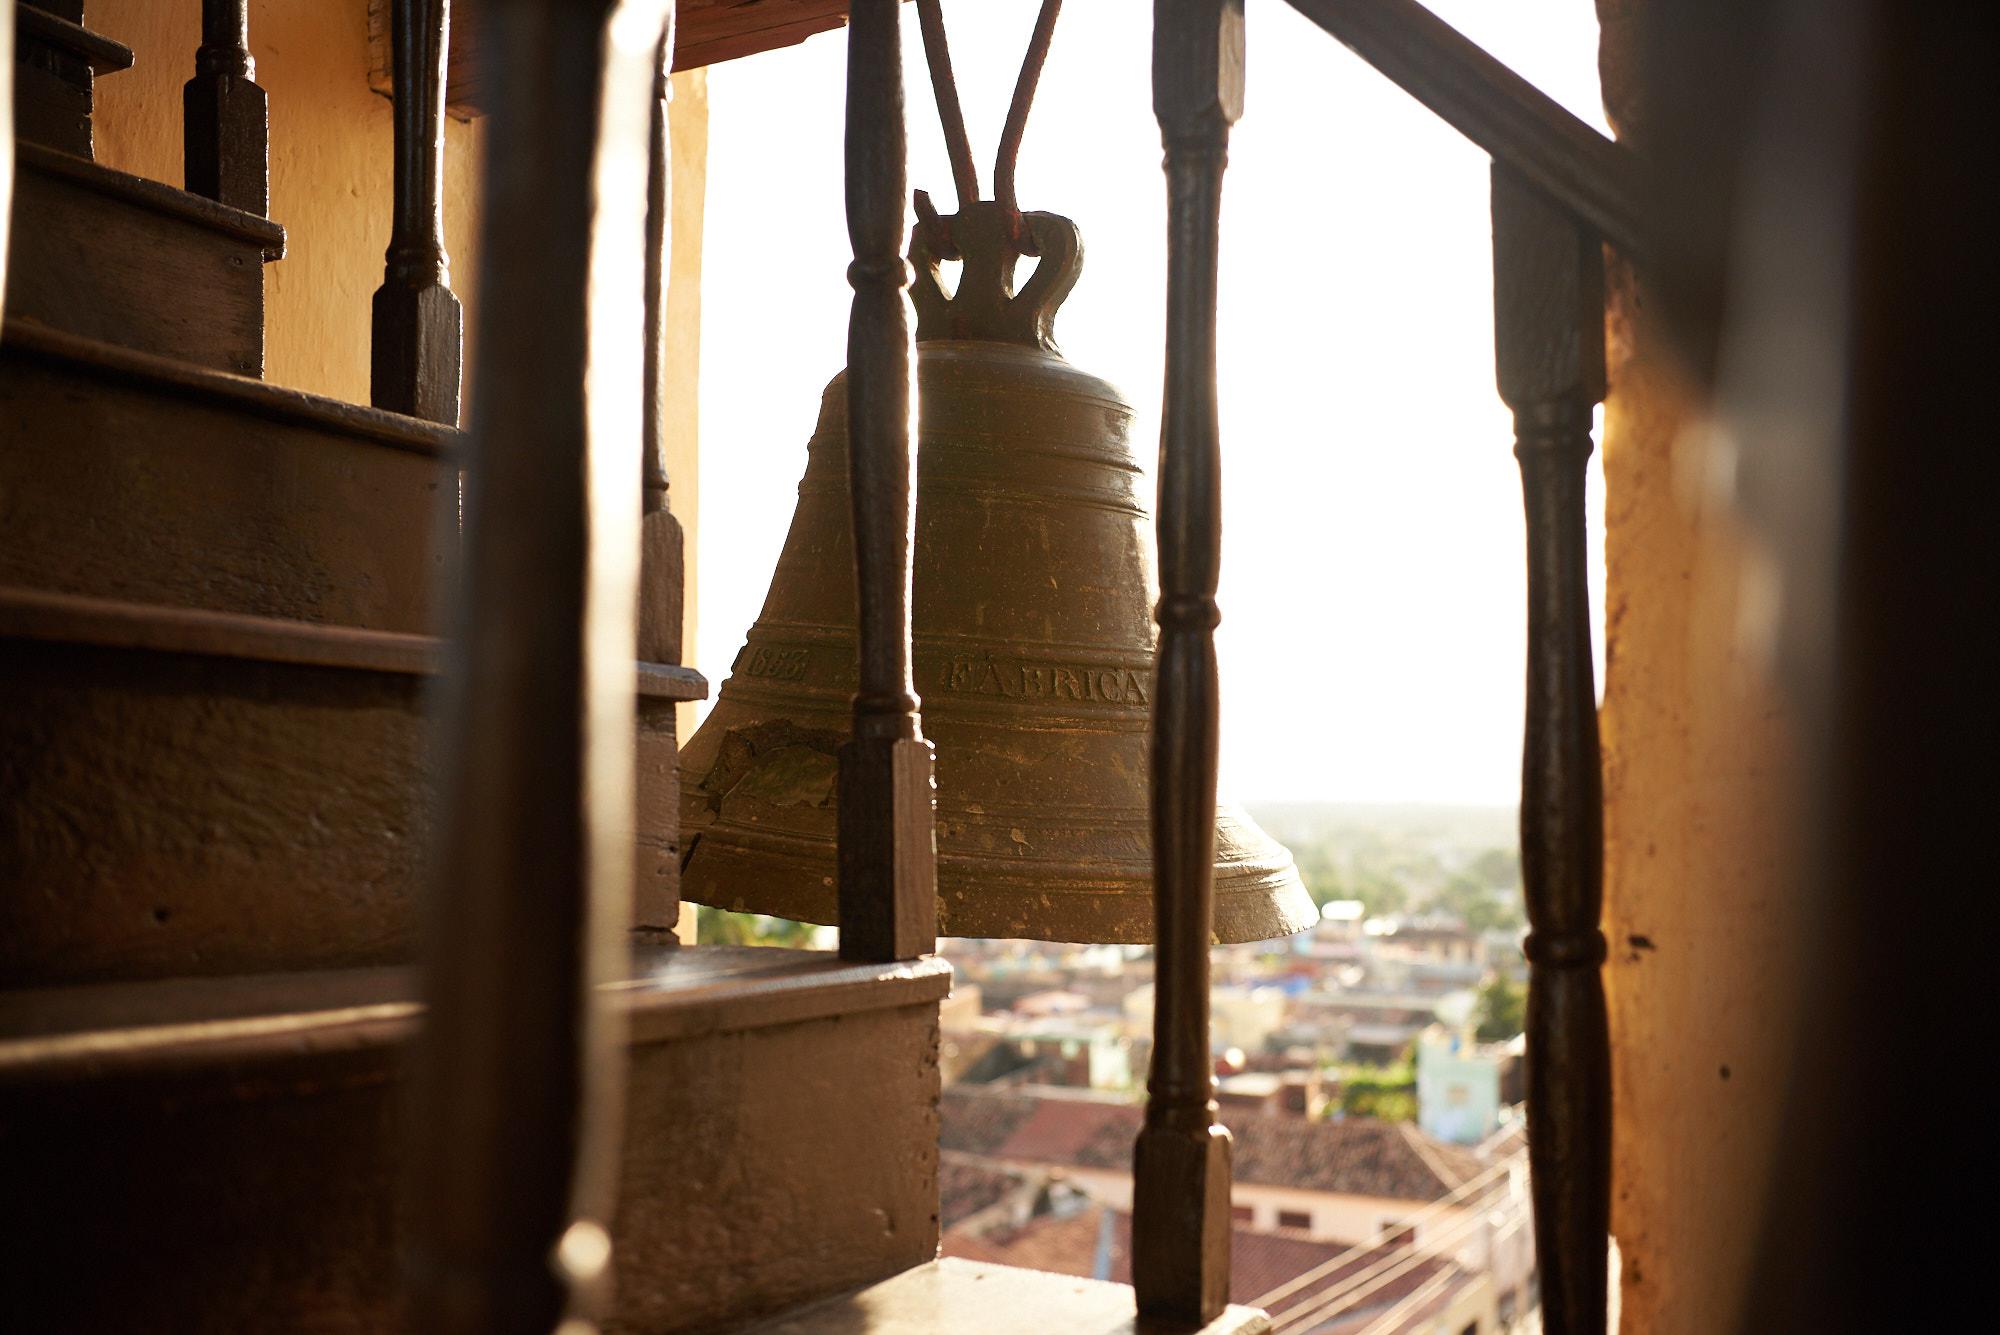 18-01-11-Cuba_2426Web.jpg